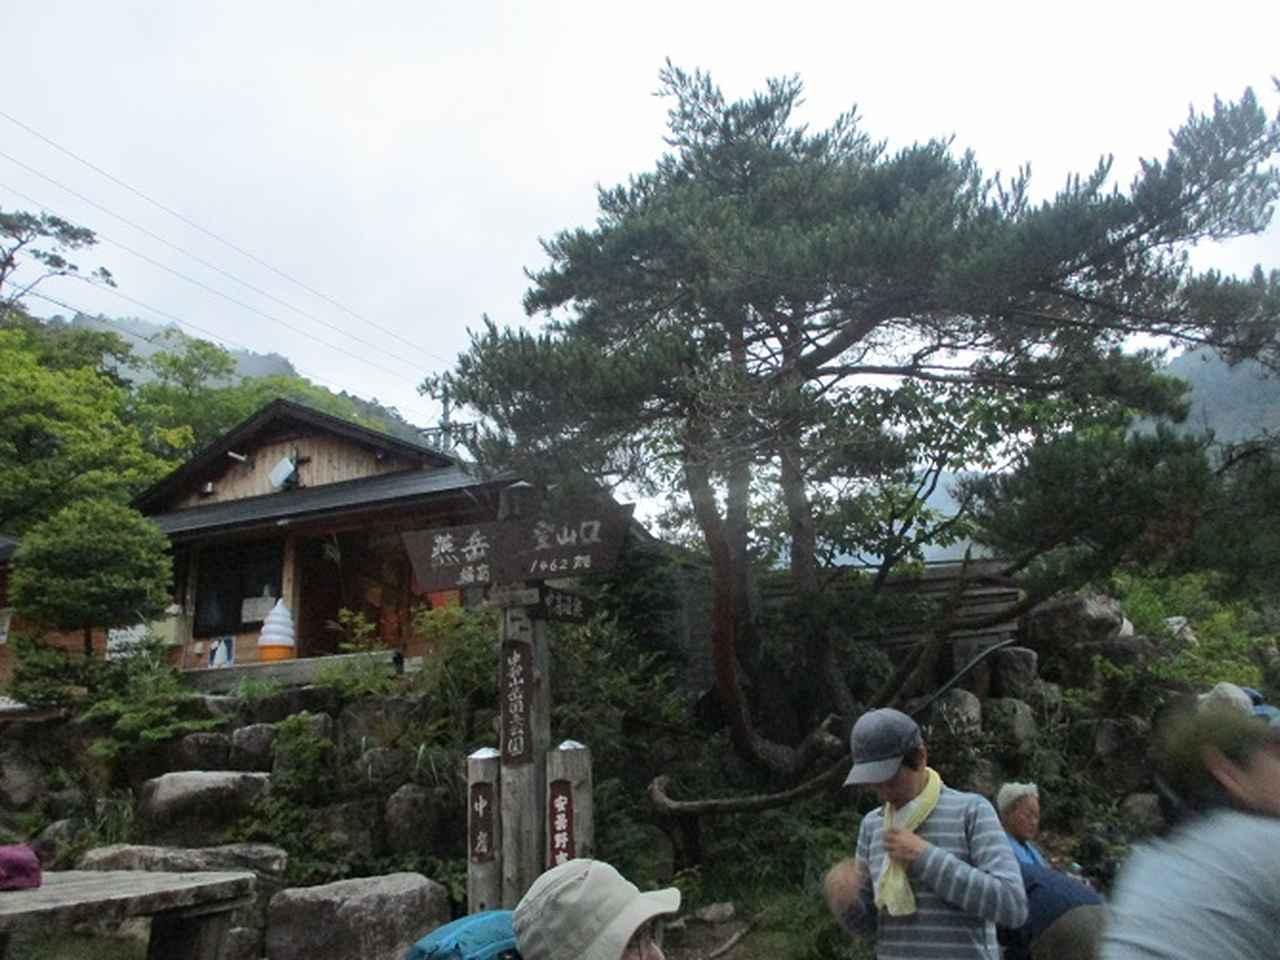 画像3: 9月17日より山旅会 「燕岳」 ツアーに行ってきました!